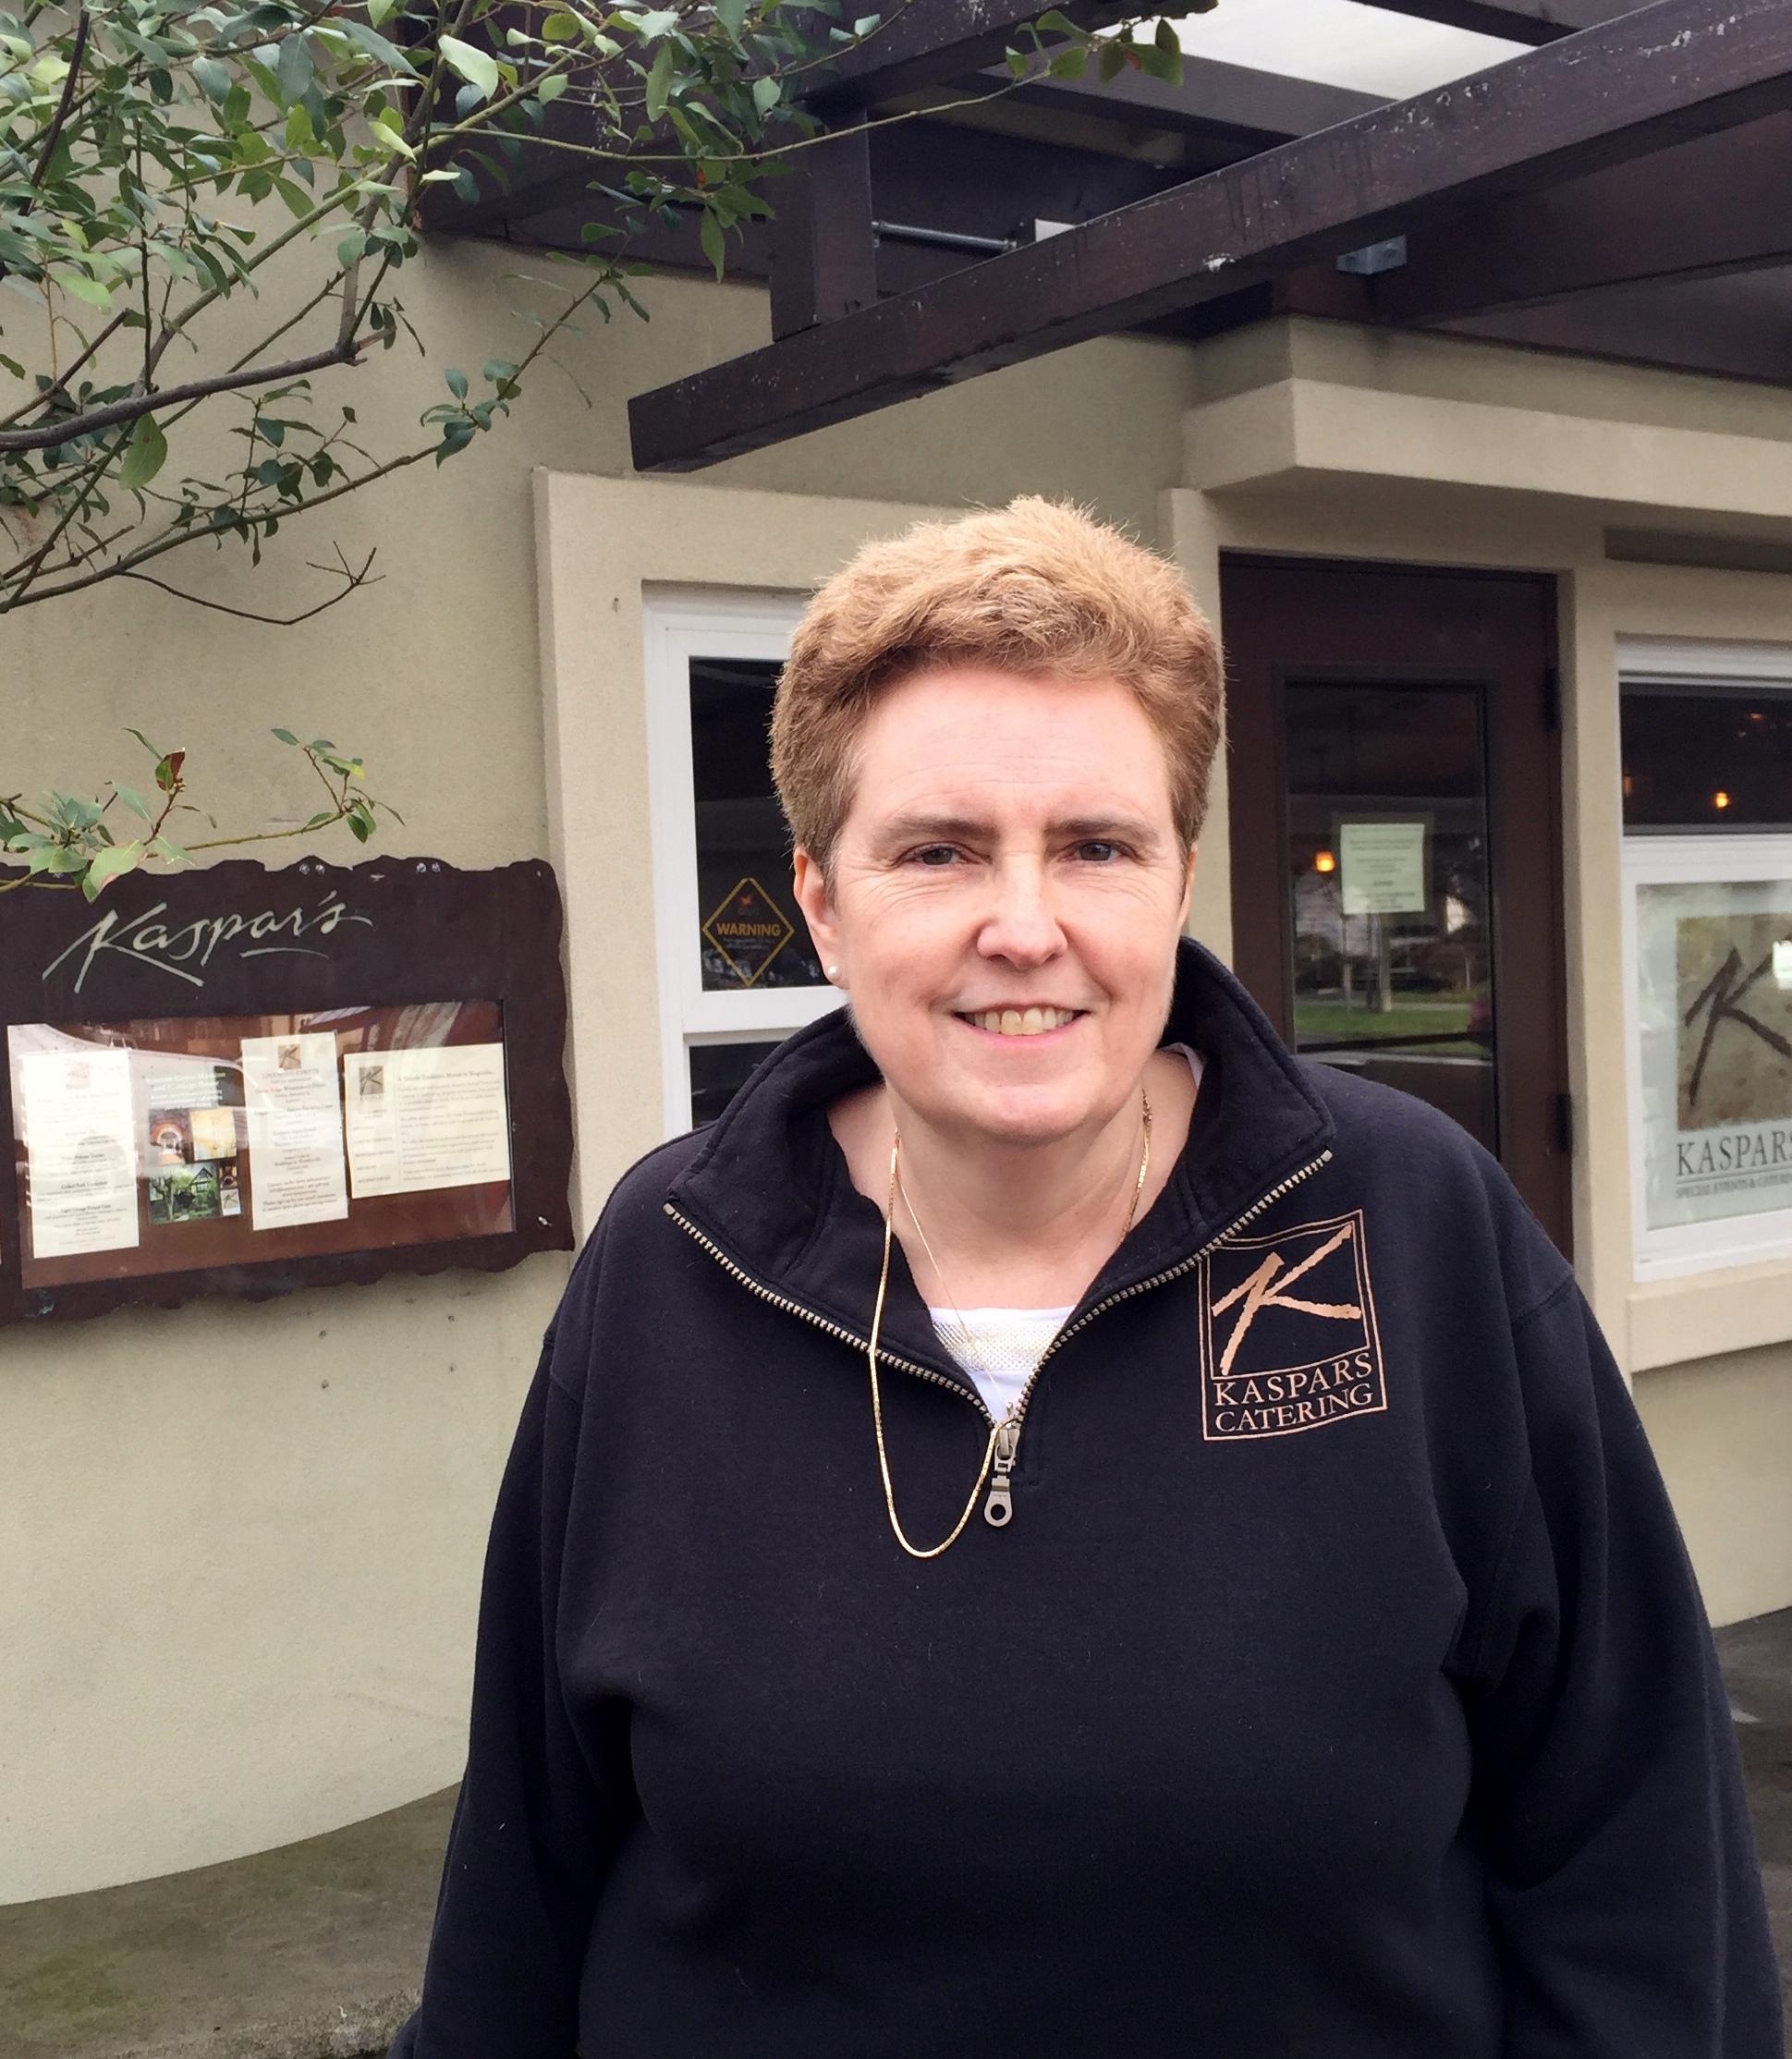 Nancy Donier of Kaspar's.